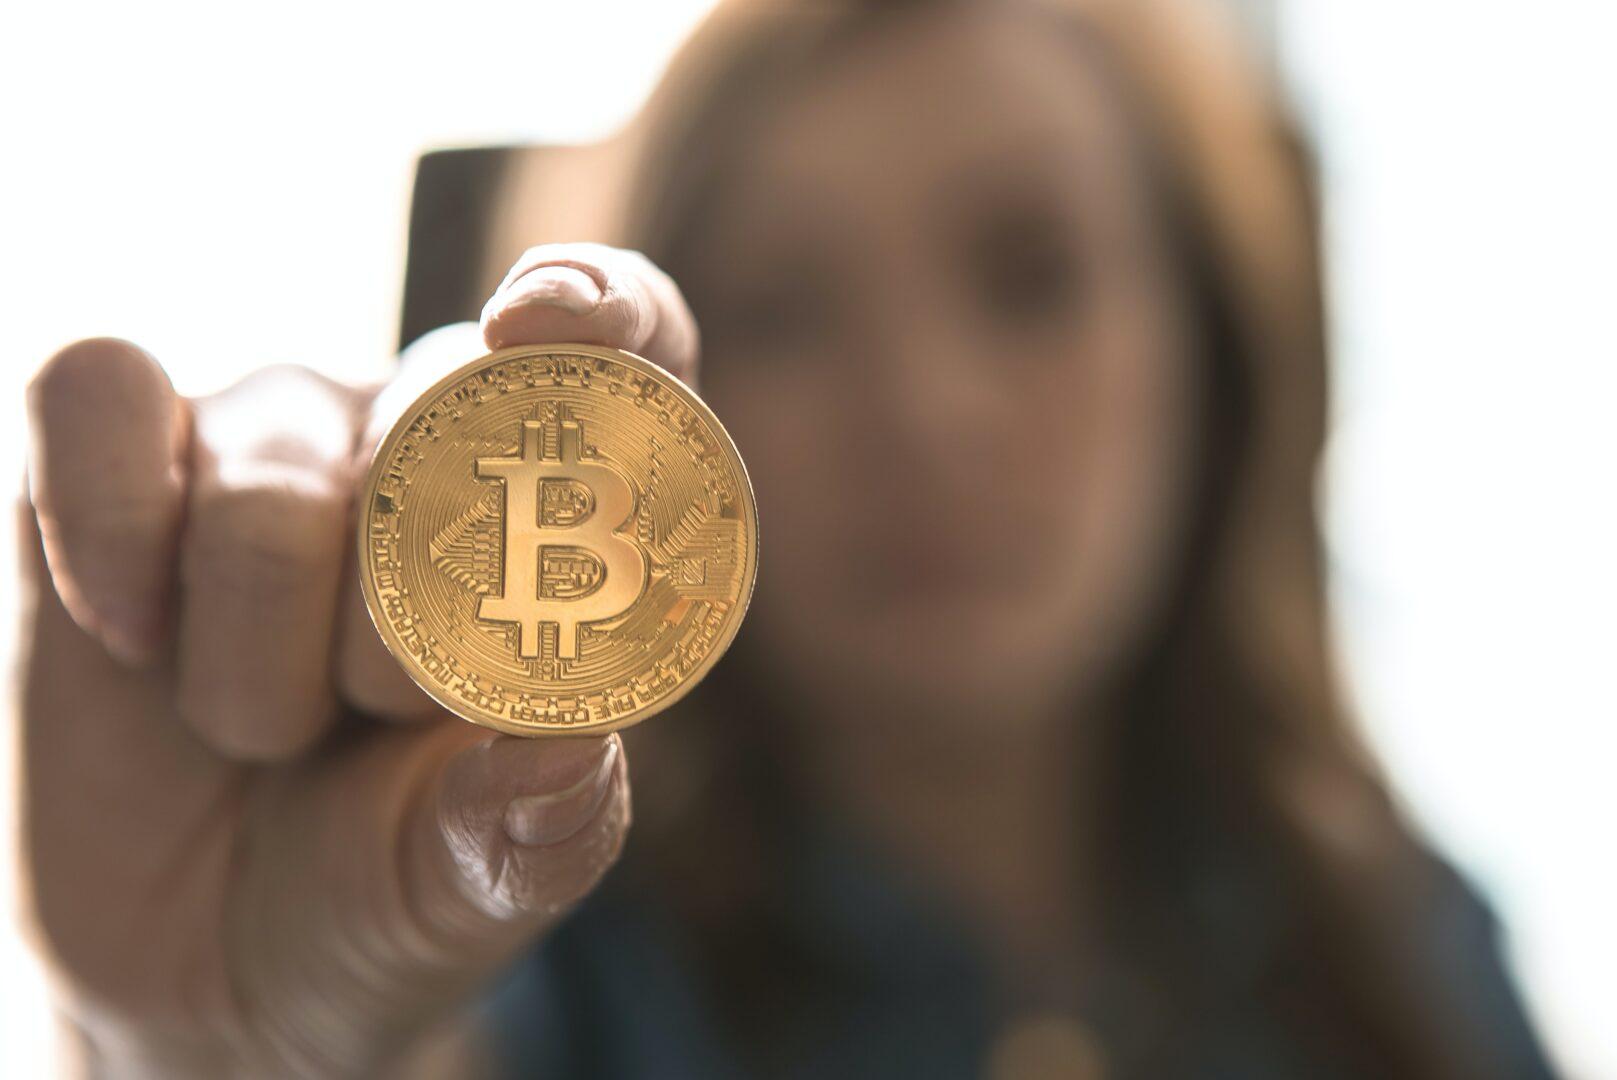 Tehnično bo digitalni evro podoben bitcoinu, toda za razliko od prve kriptovalute bo digitalni evro pod nadzorom centralne banke.